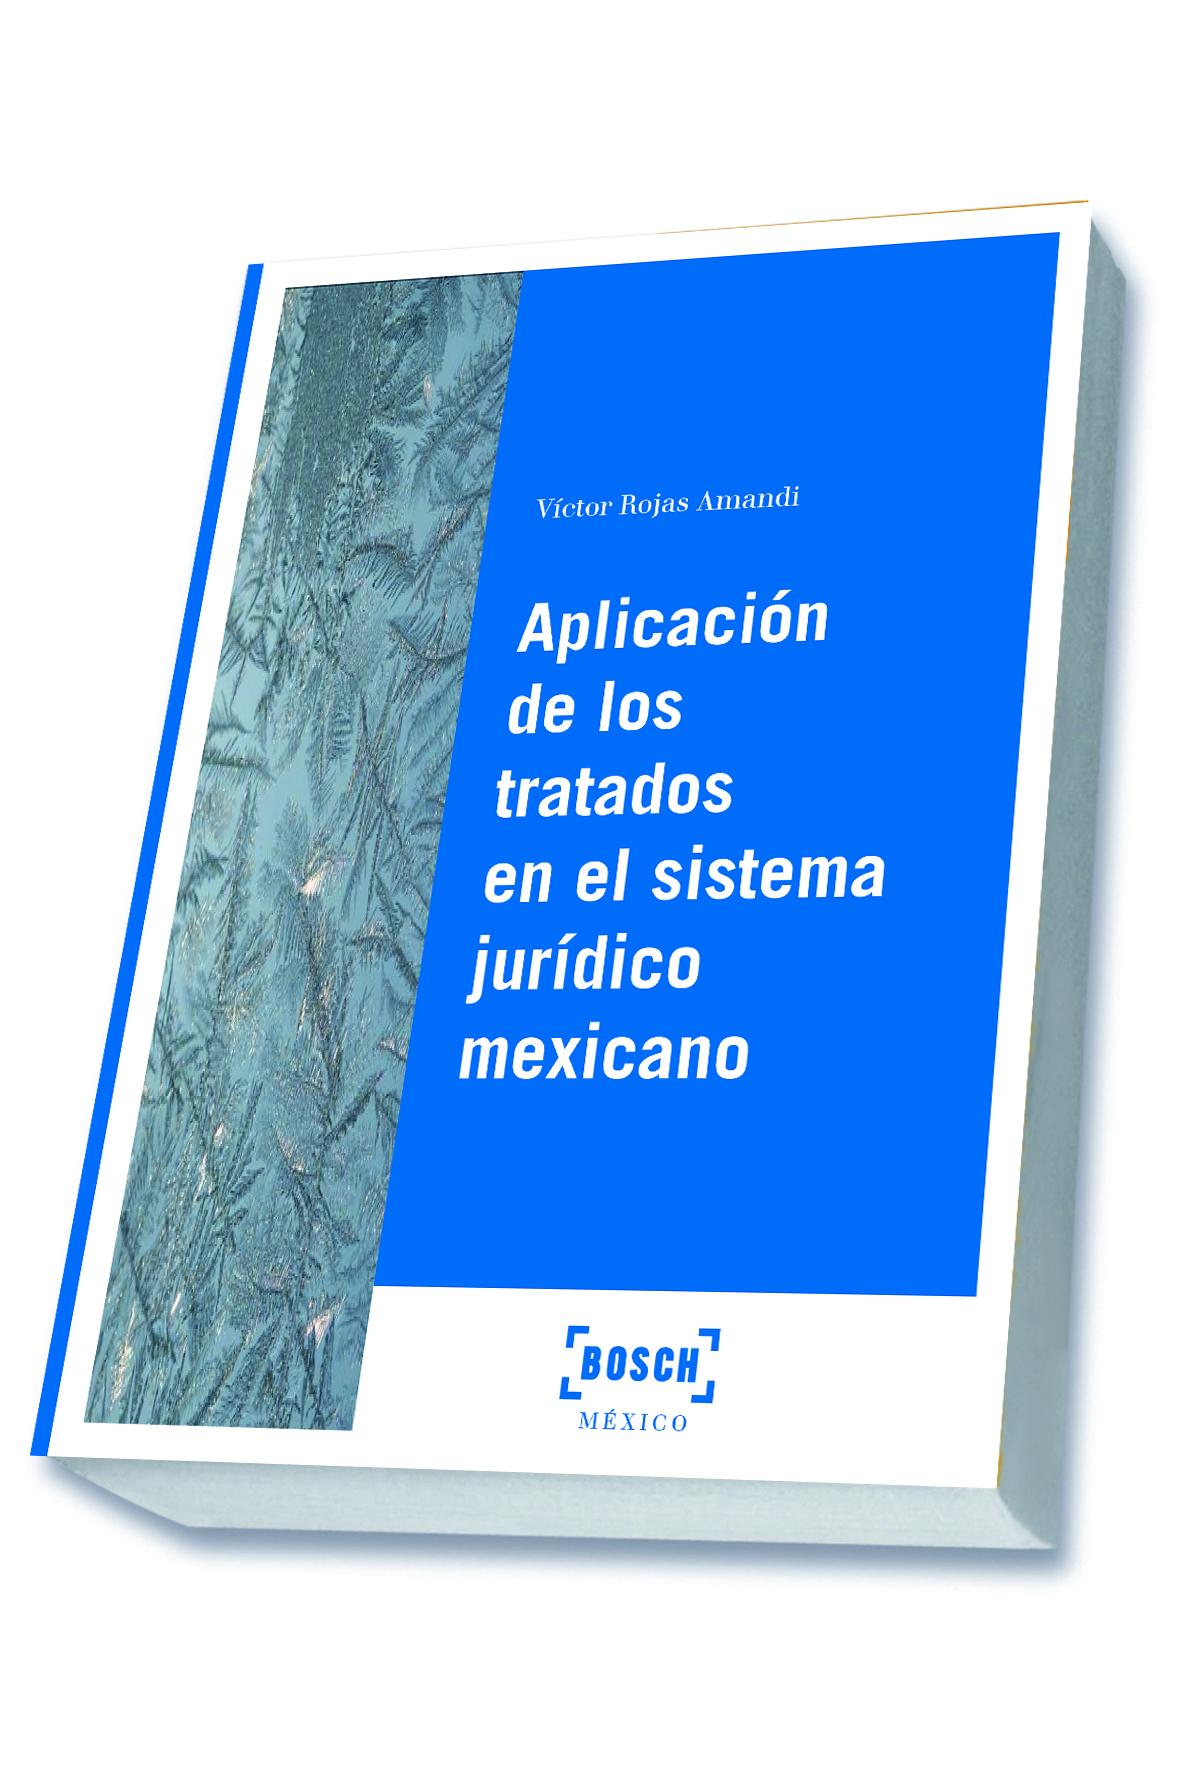 La aplicación de los tratados en el sistema jurídico mexicano